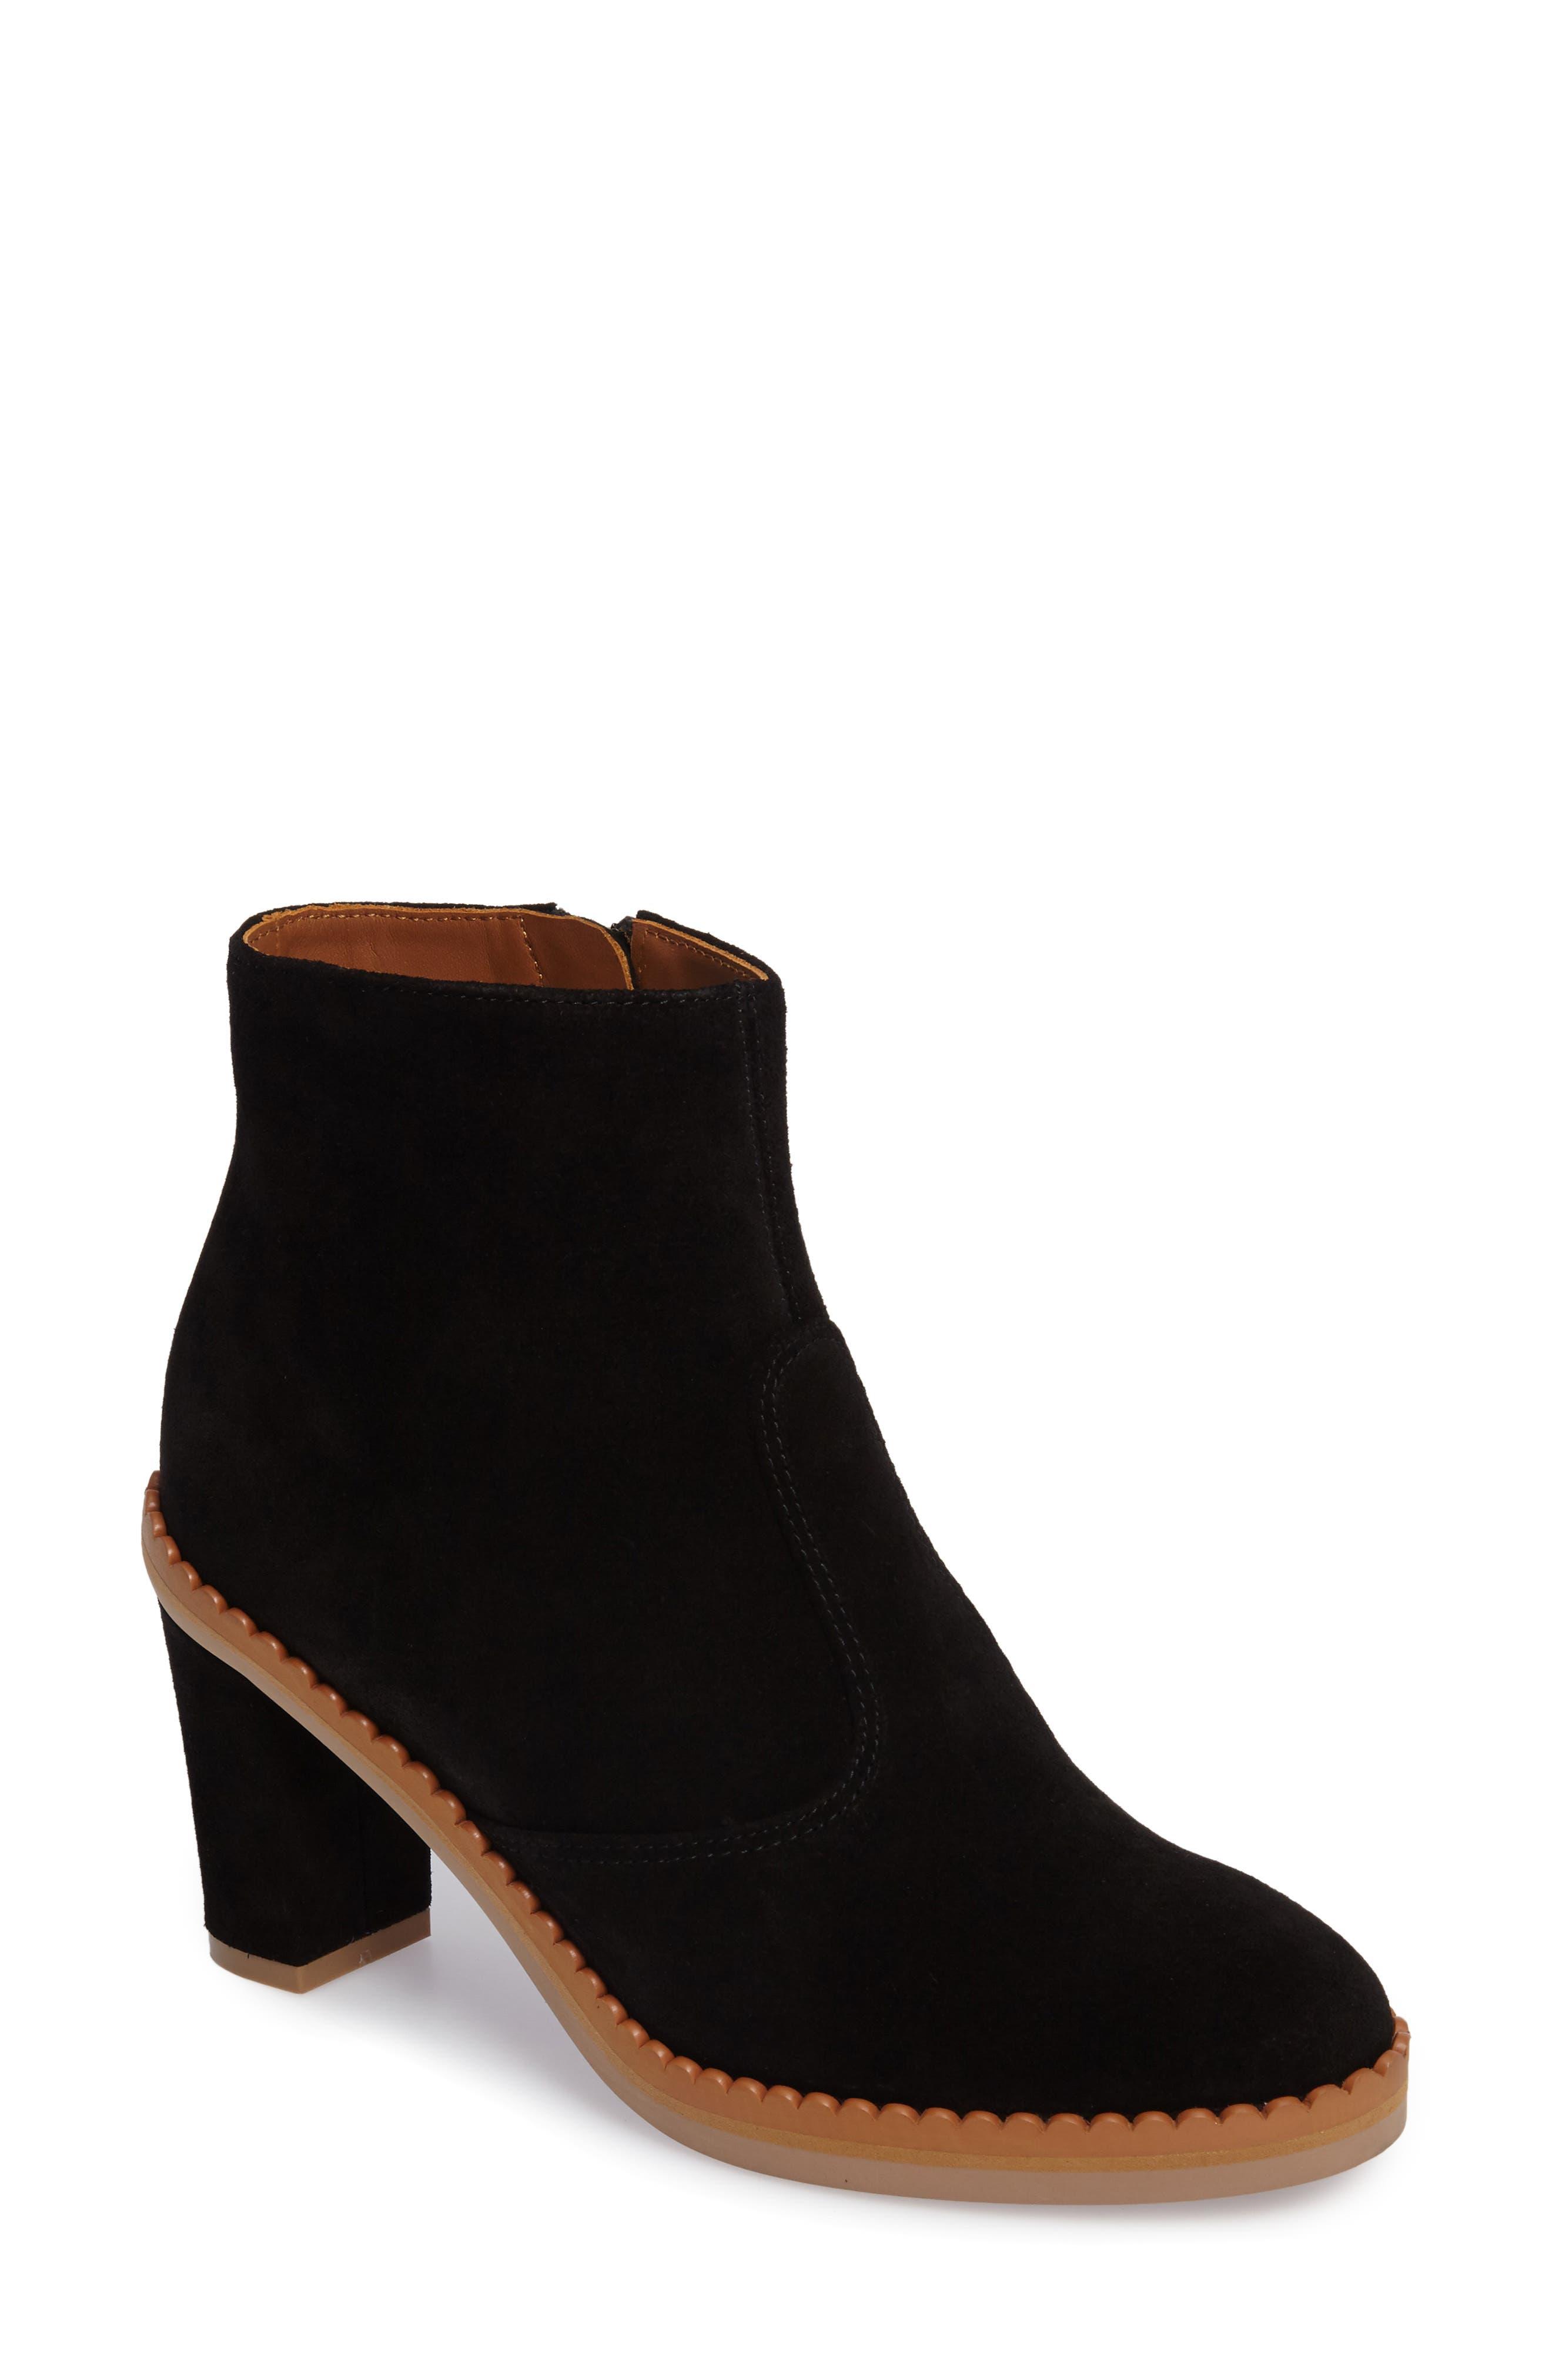 Stasya Block Heel Bootie,                         Main,                         color, 001